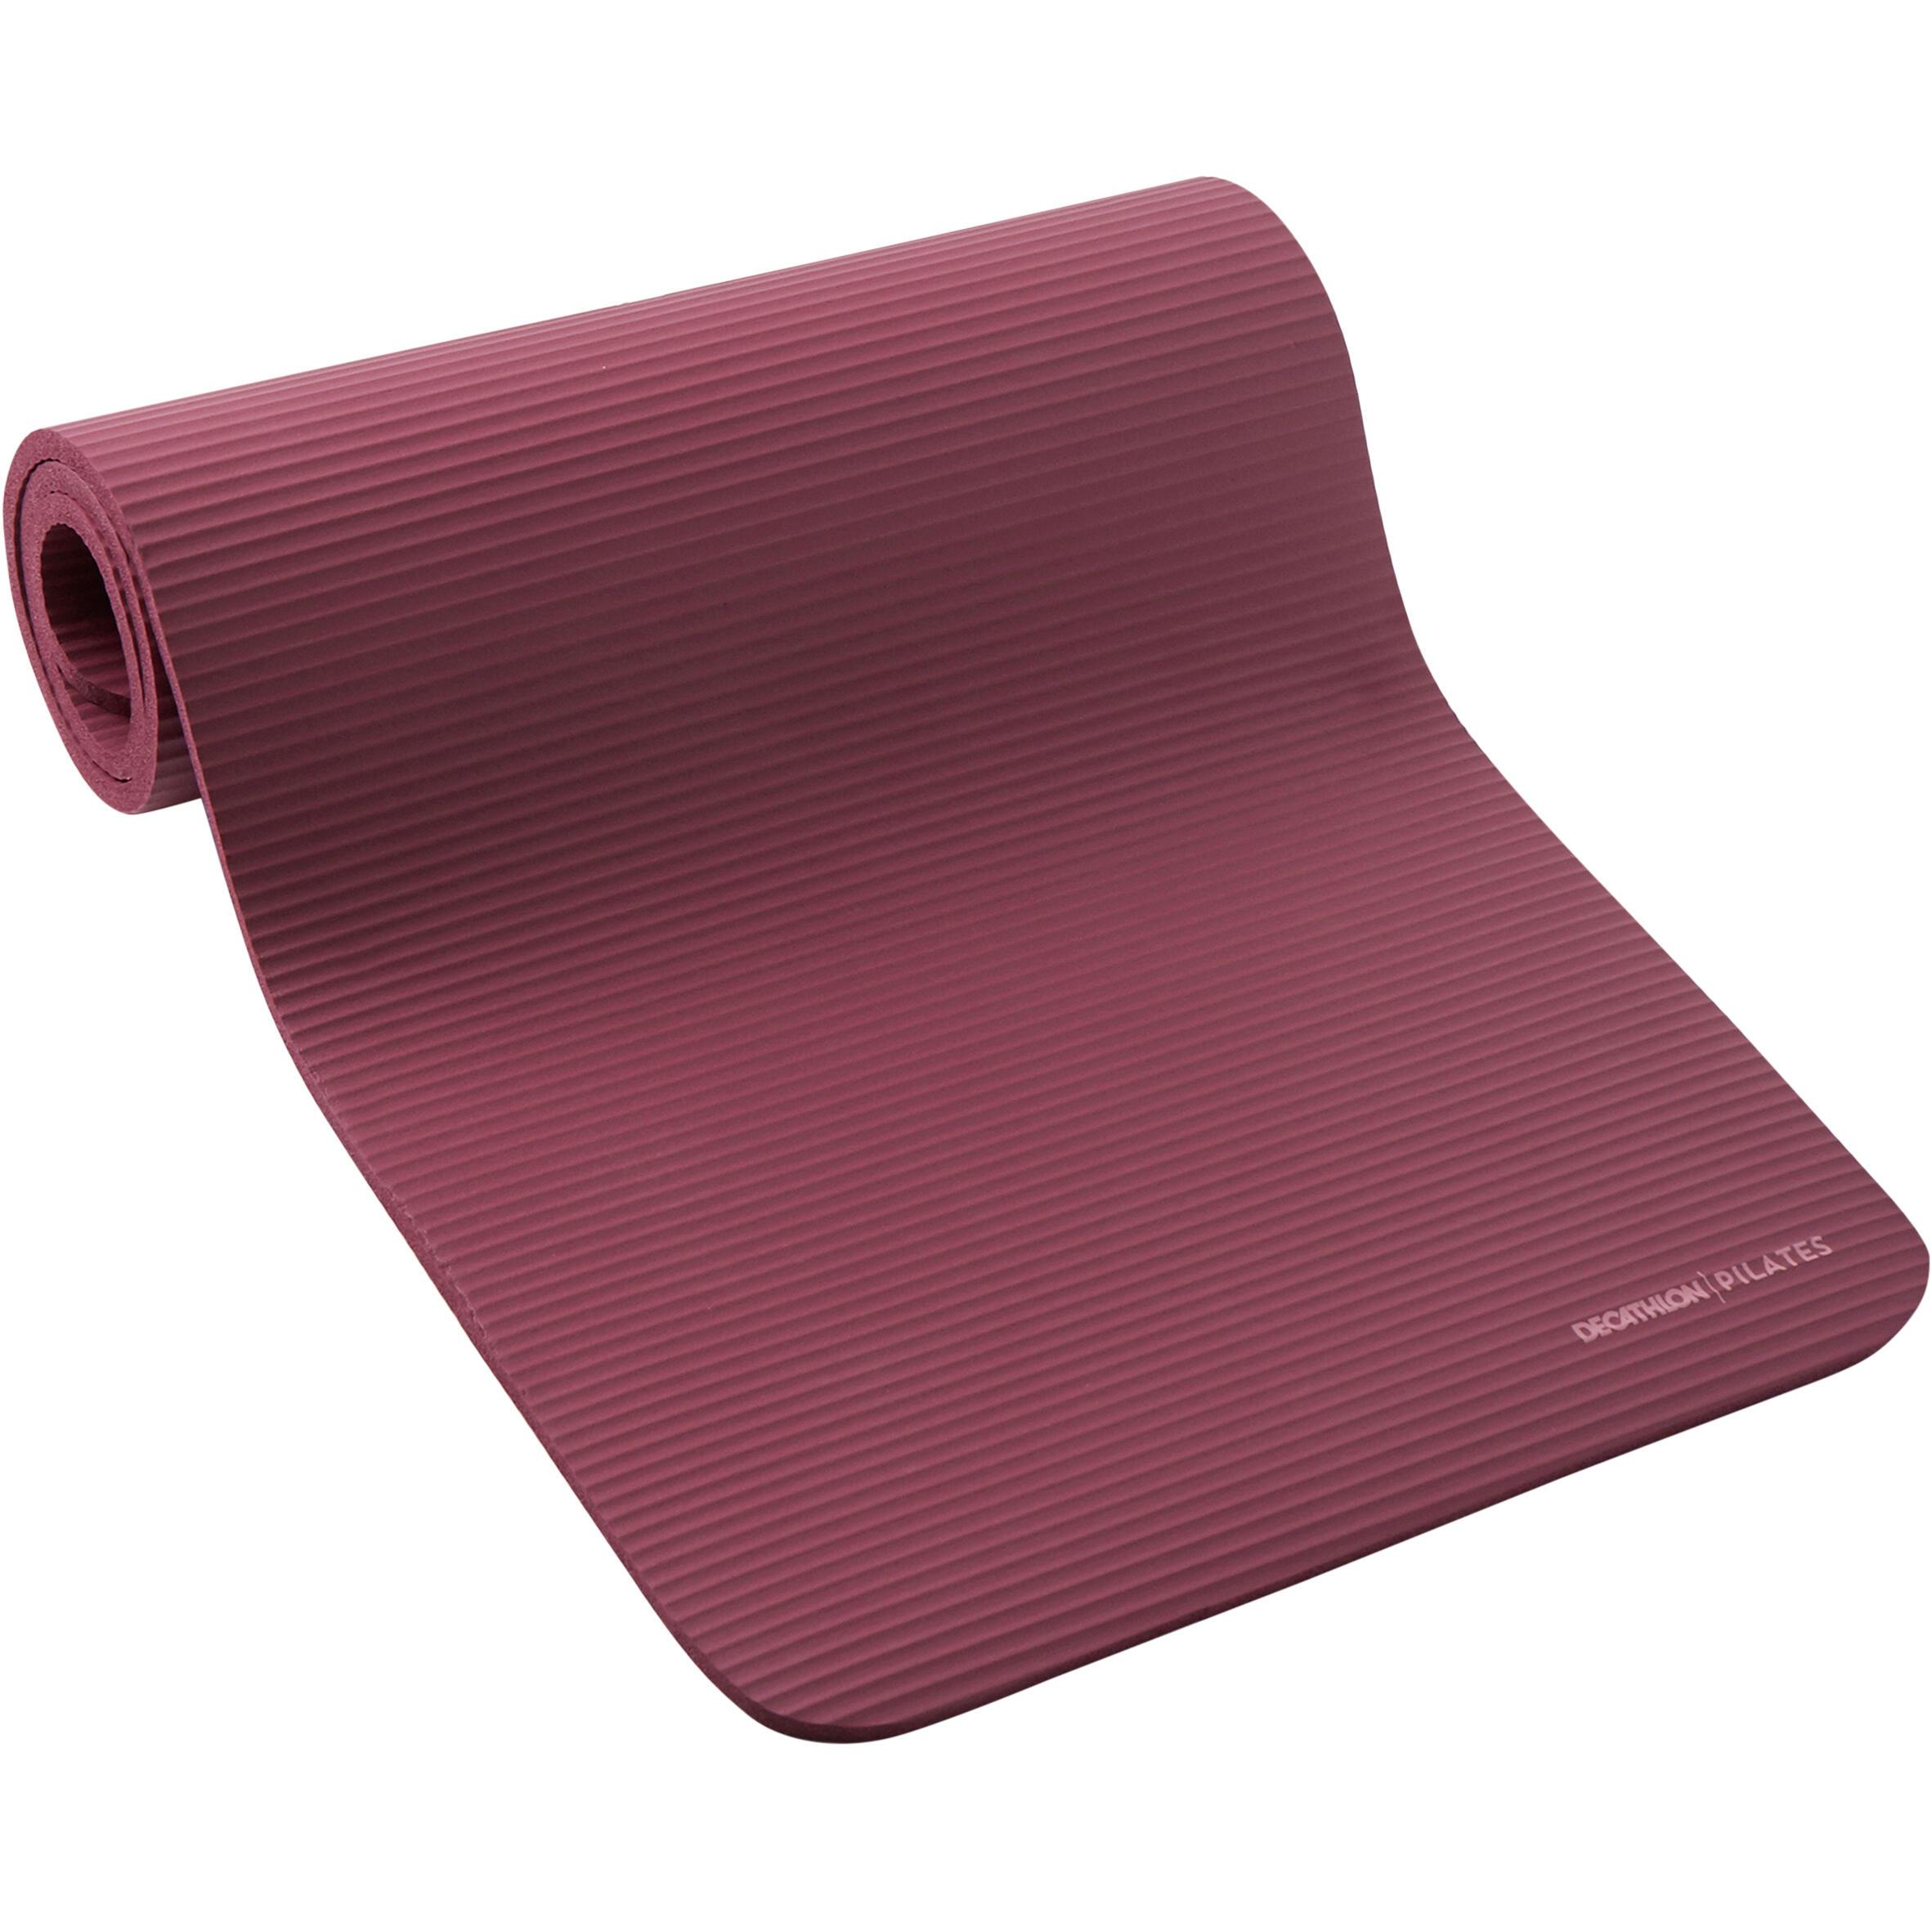 tapis de sol fitness gym et pilates